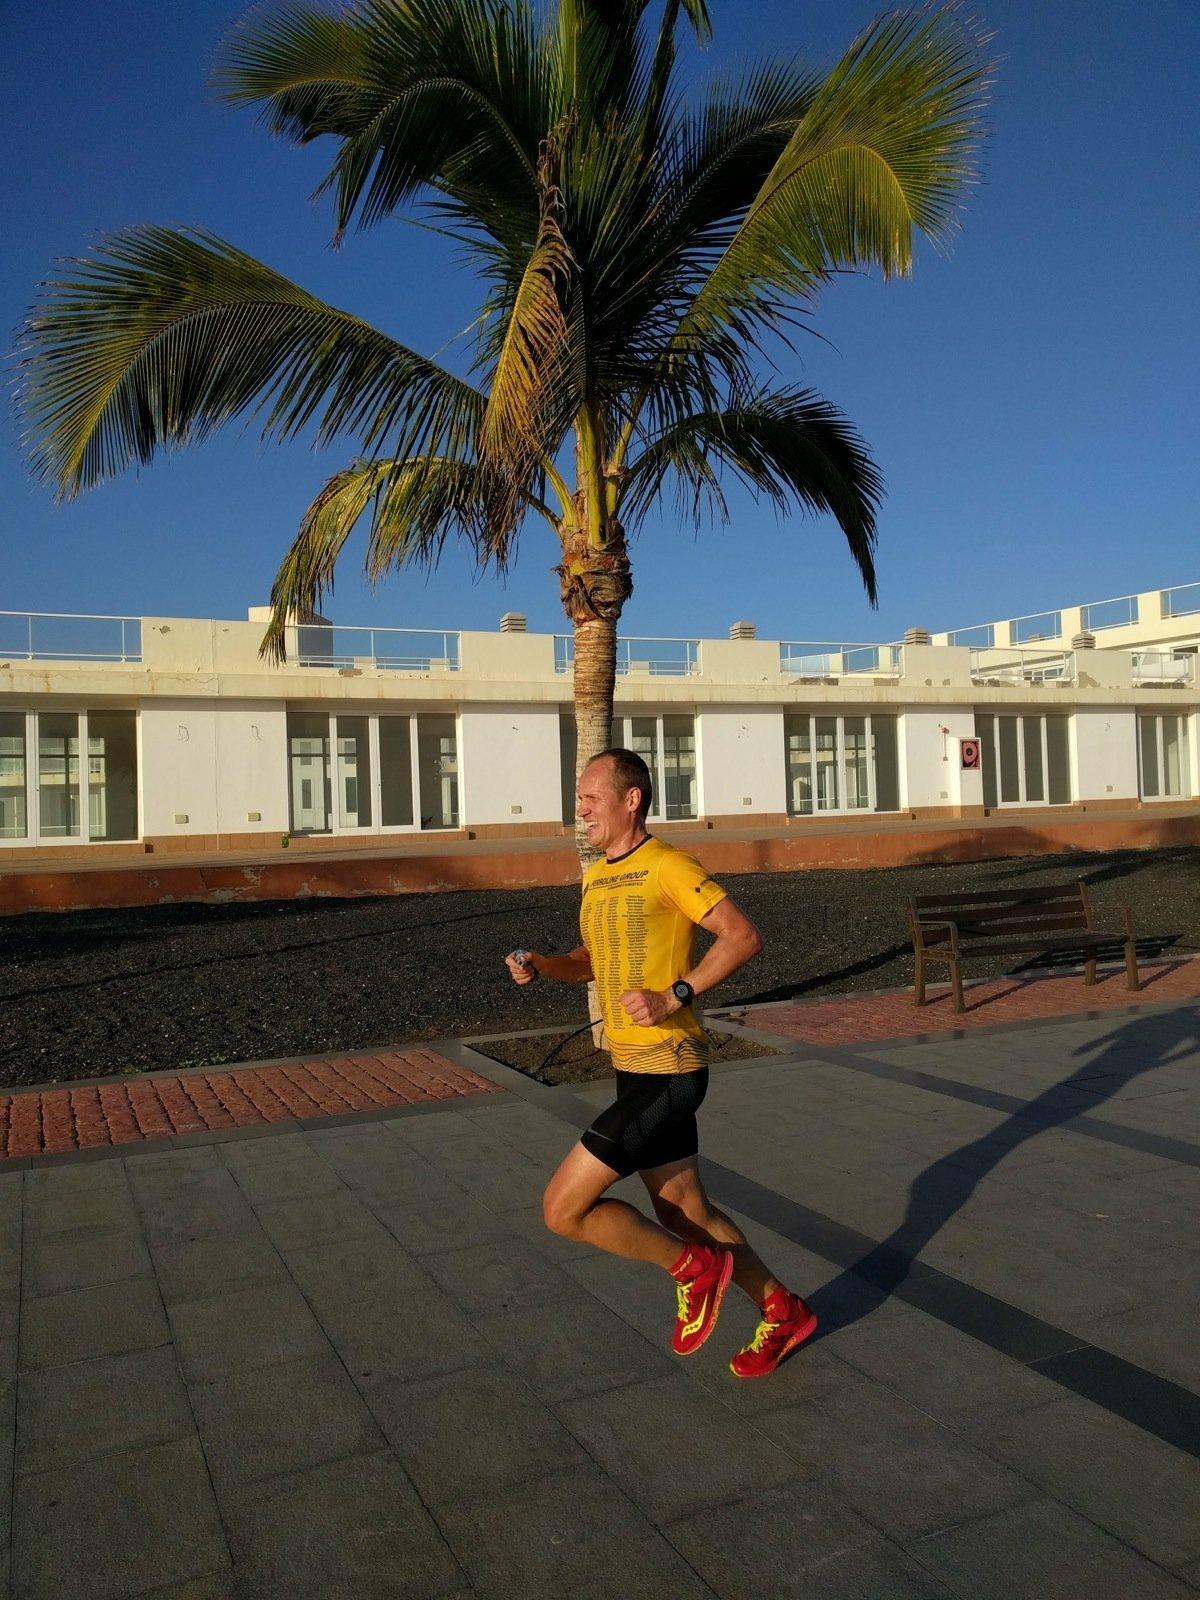 Rait Ratasepp teeb kõik võistluse ajal käimise vältimiseks ja treenib seetõttu hoogsalt jooksmist.